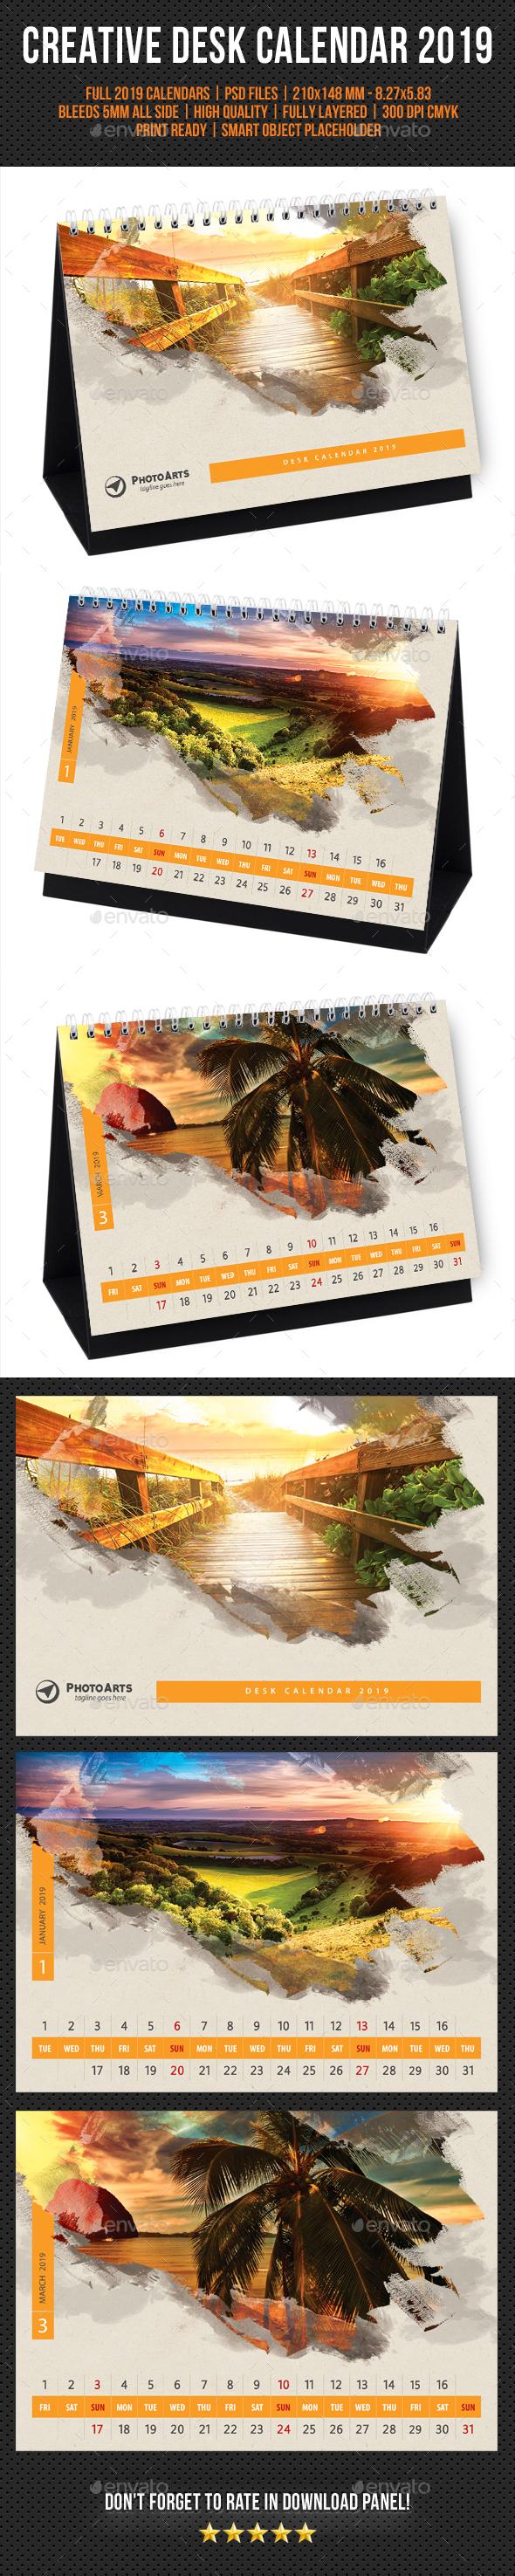 Creative Desk Calendar 2019 V23 - Calendars Stationery